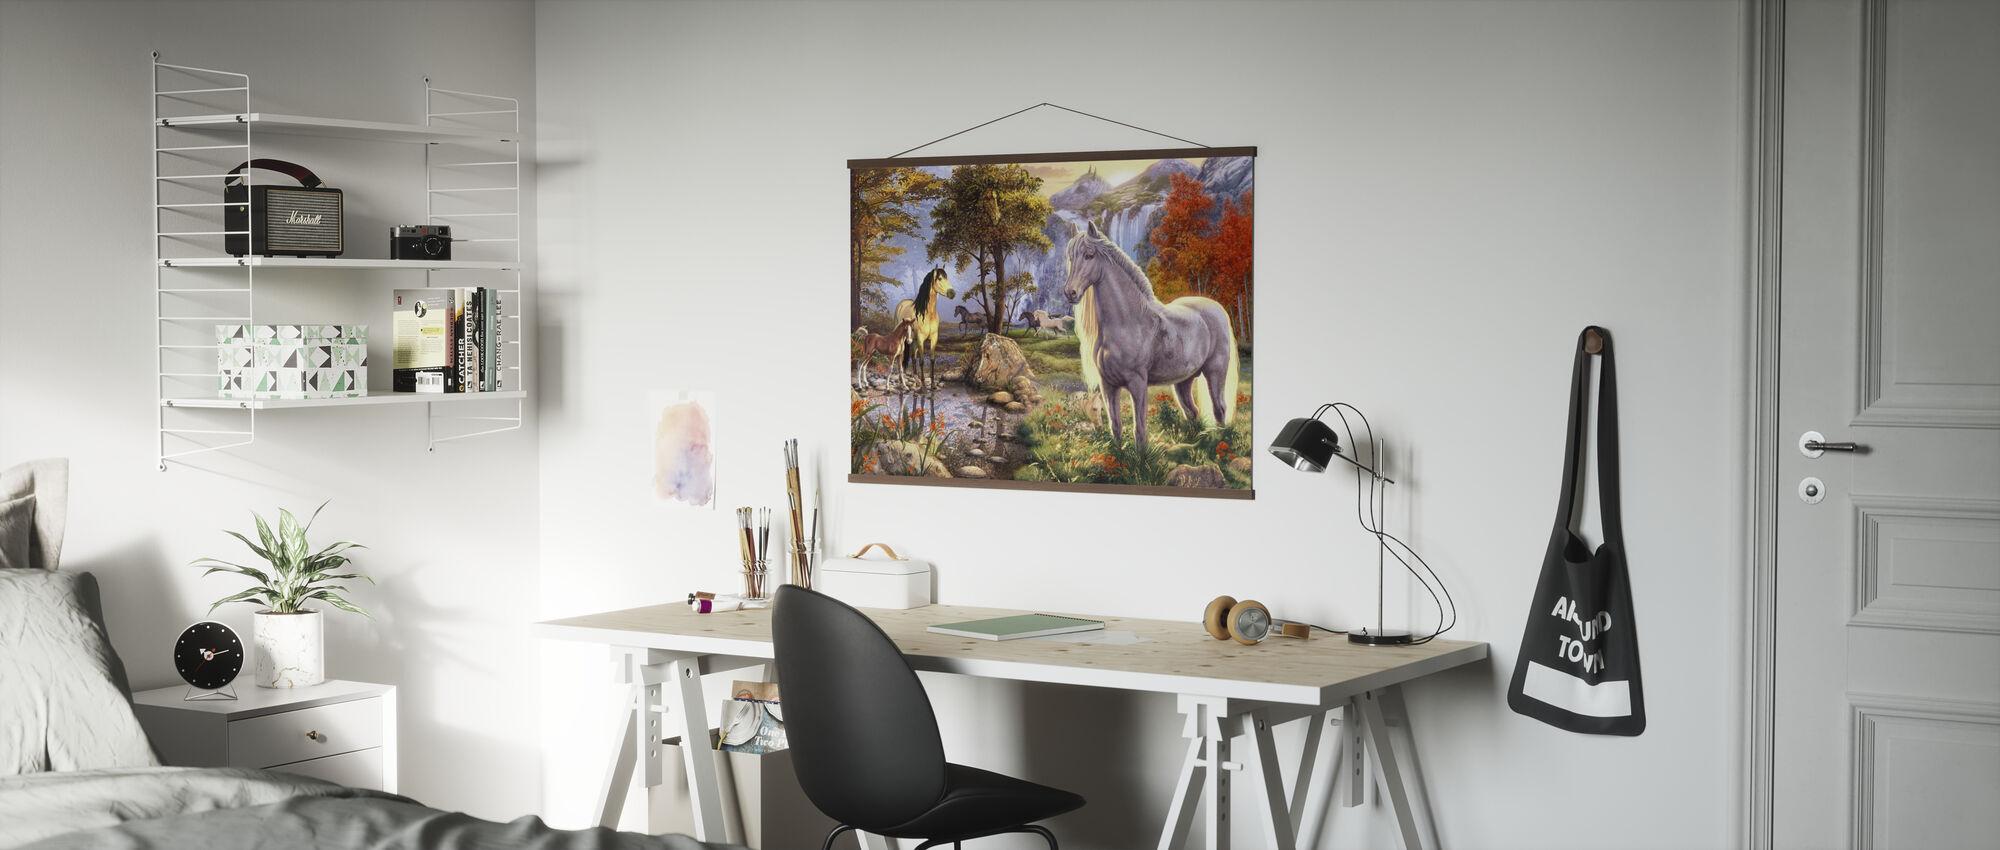 Dolda bilder - Hästar - Poster - Kontor